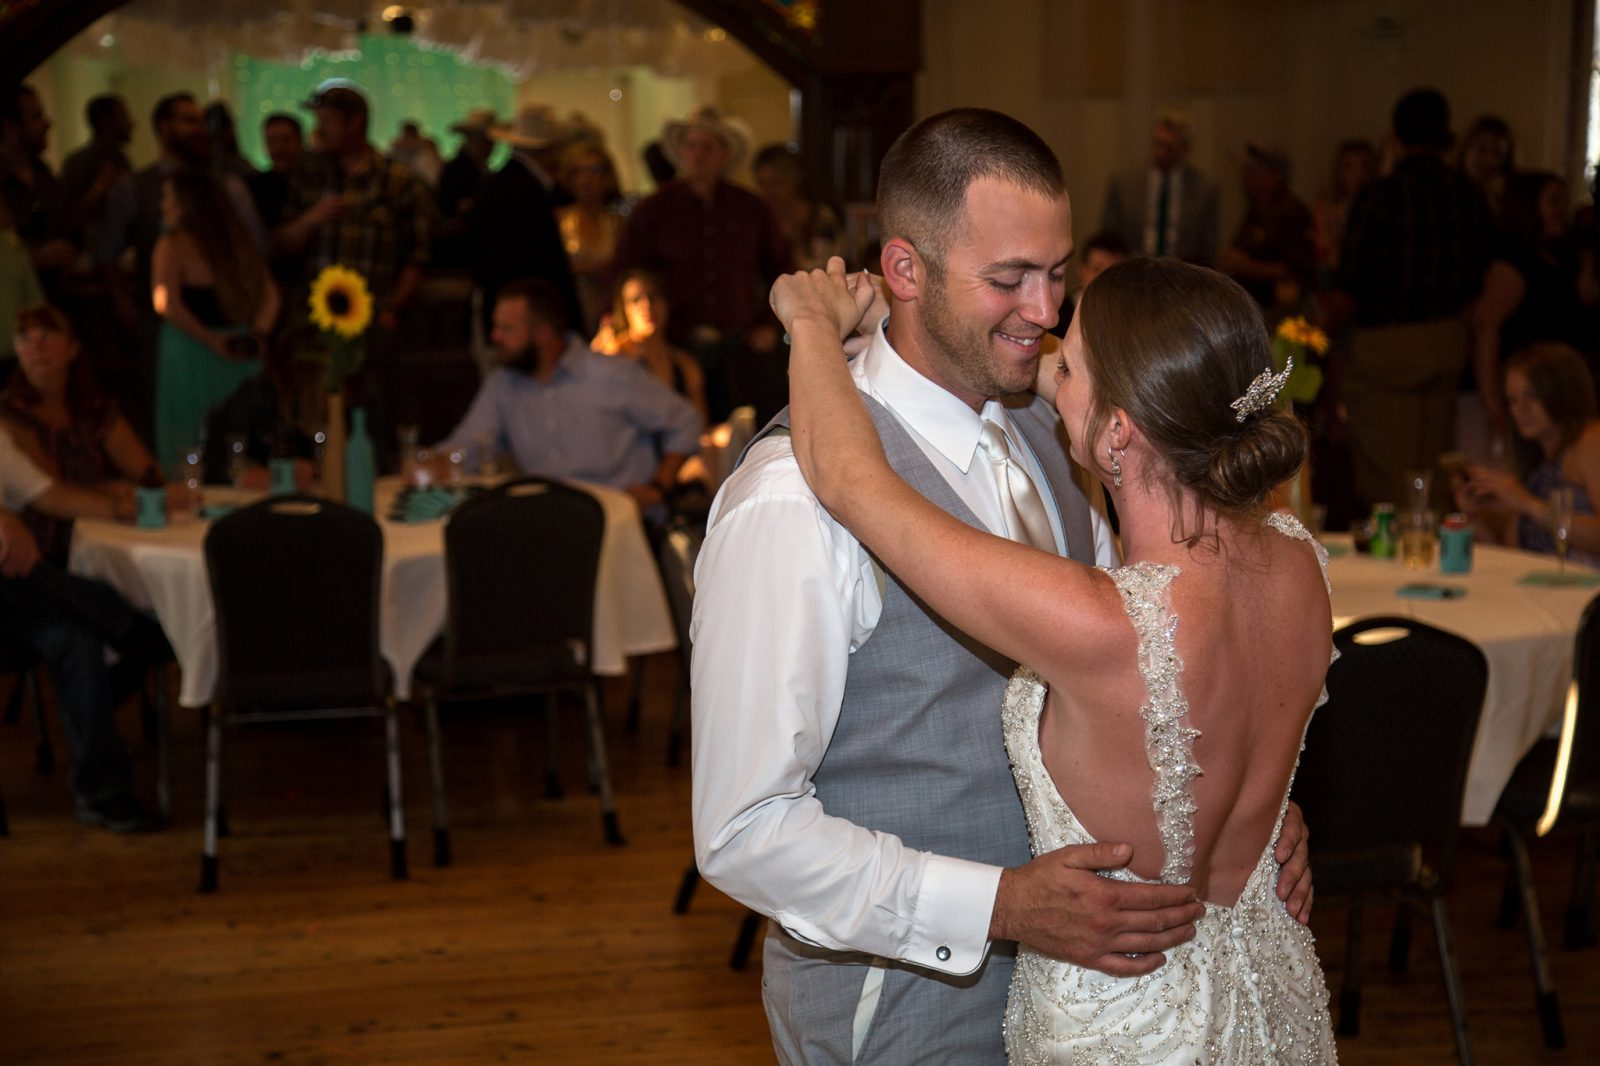 marchese_wedding_660 copy